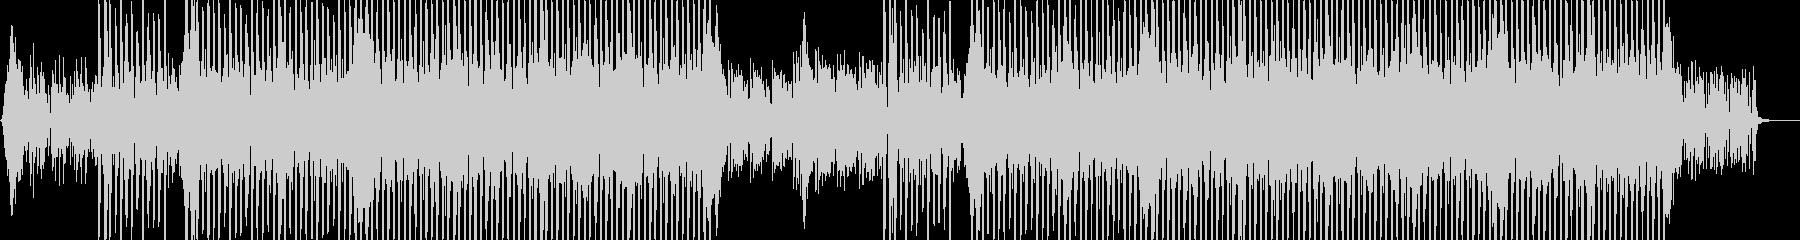 インテリジェンスなコーポレートBGMの未再生の波形